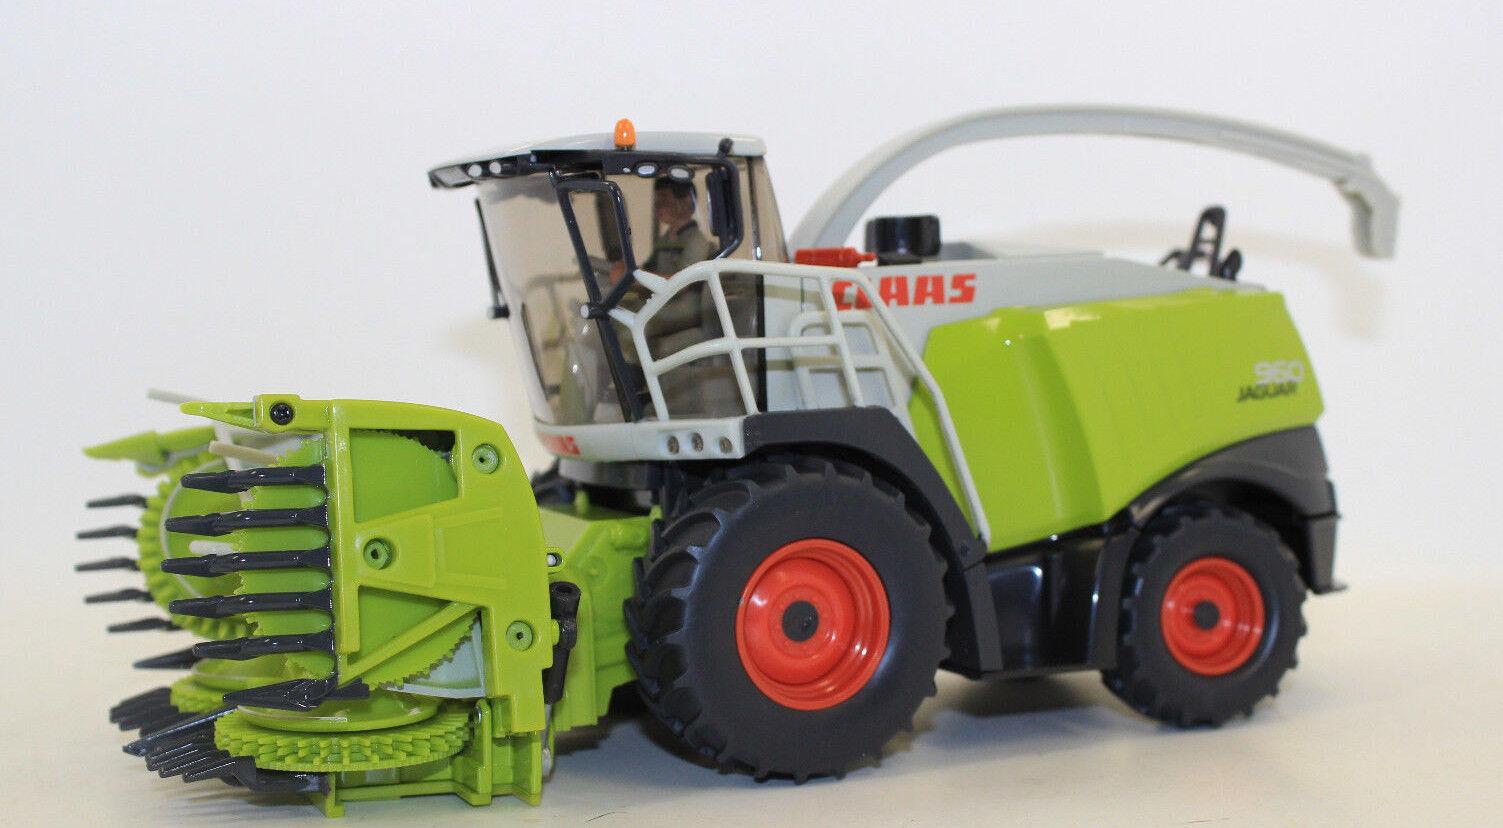 SIKU 4058 CLAAS CLAAS CLAAS JAGUAR 960 HACHEUSE 1:3 2 nouvelles en emballage d'origine | Les Produits De Base Sont  06c04c